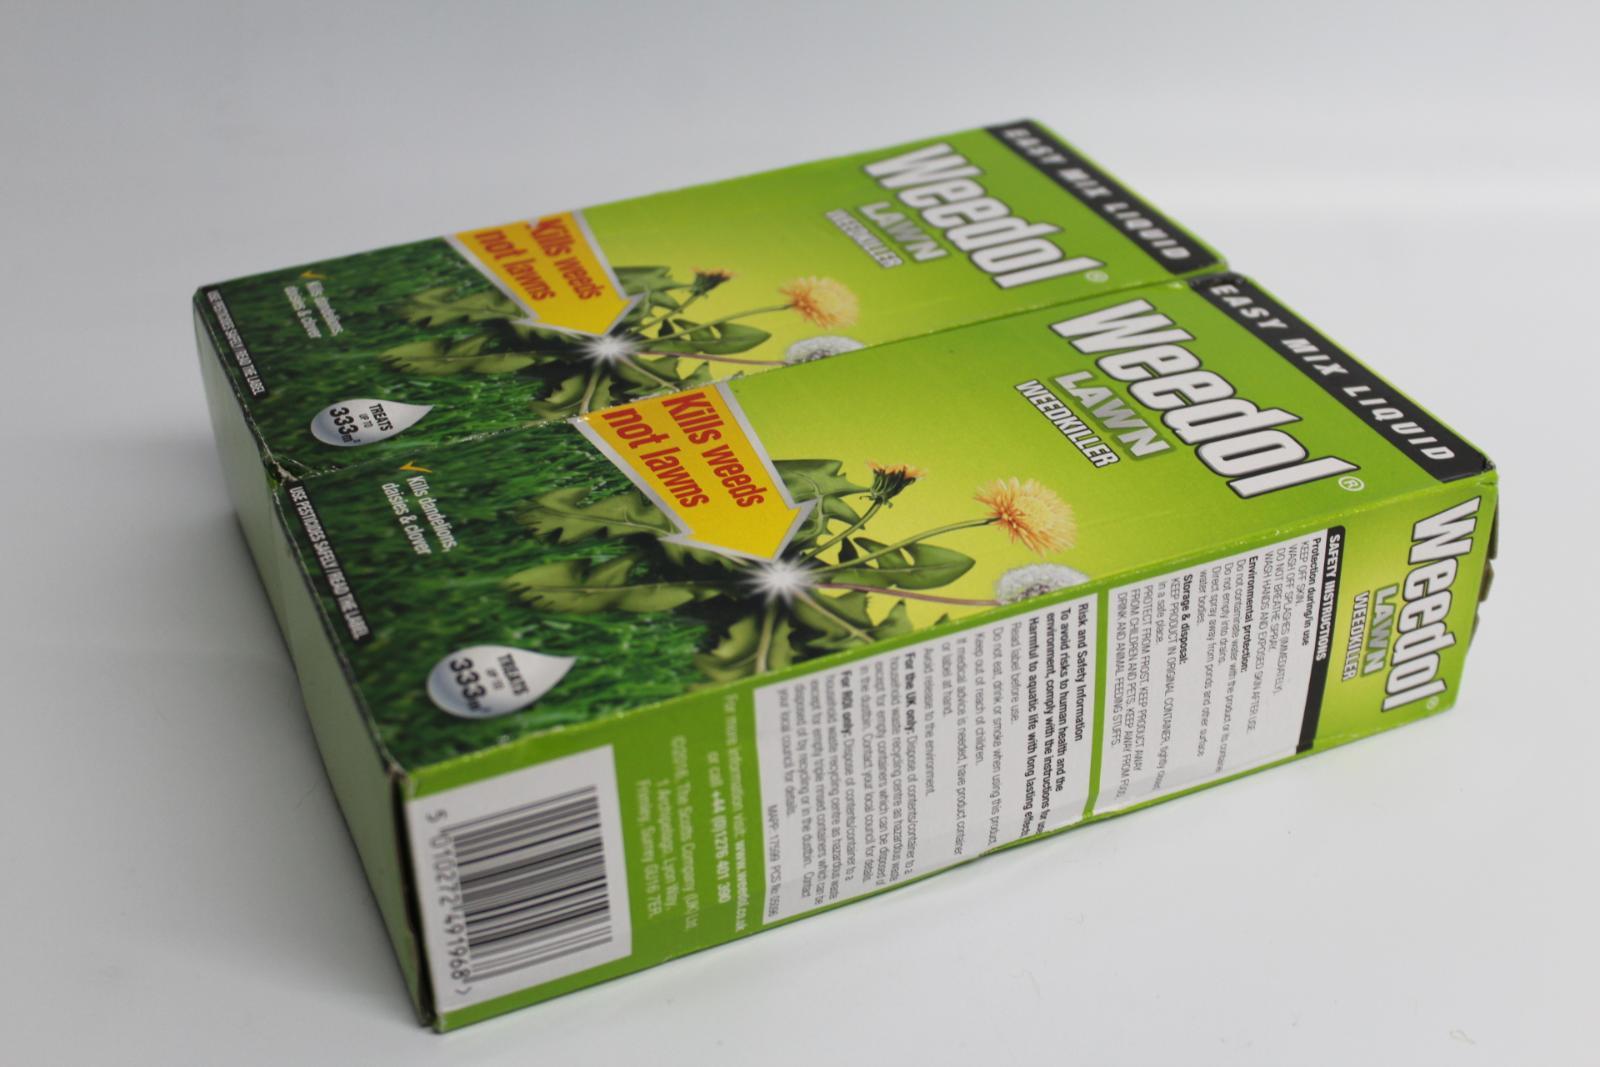 2x-BNIB-WEEDOL-Lawn-Weedkiller-500ml-Kills-Weeds-Treats-333m2-Garden-Space miniatura 6